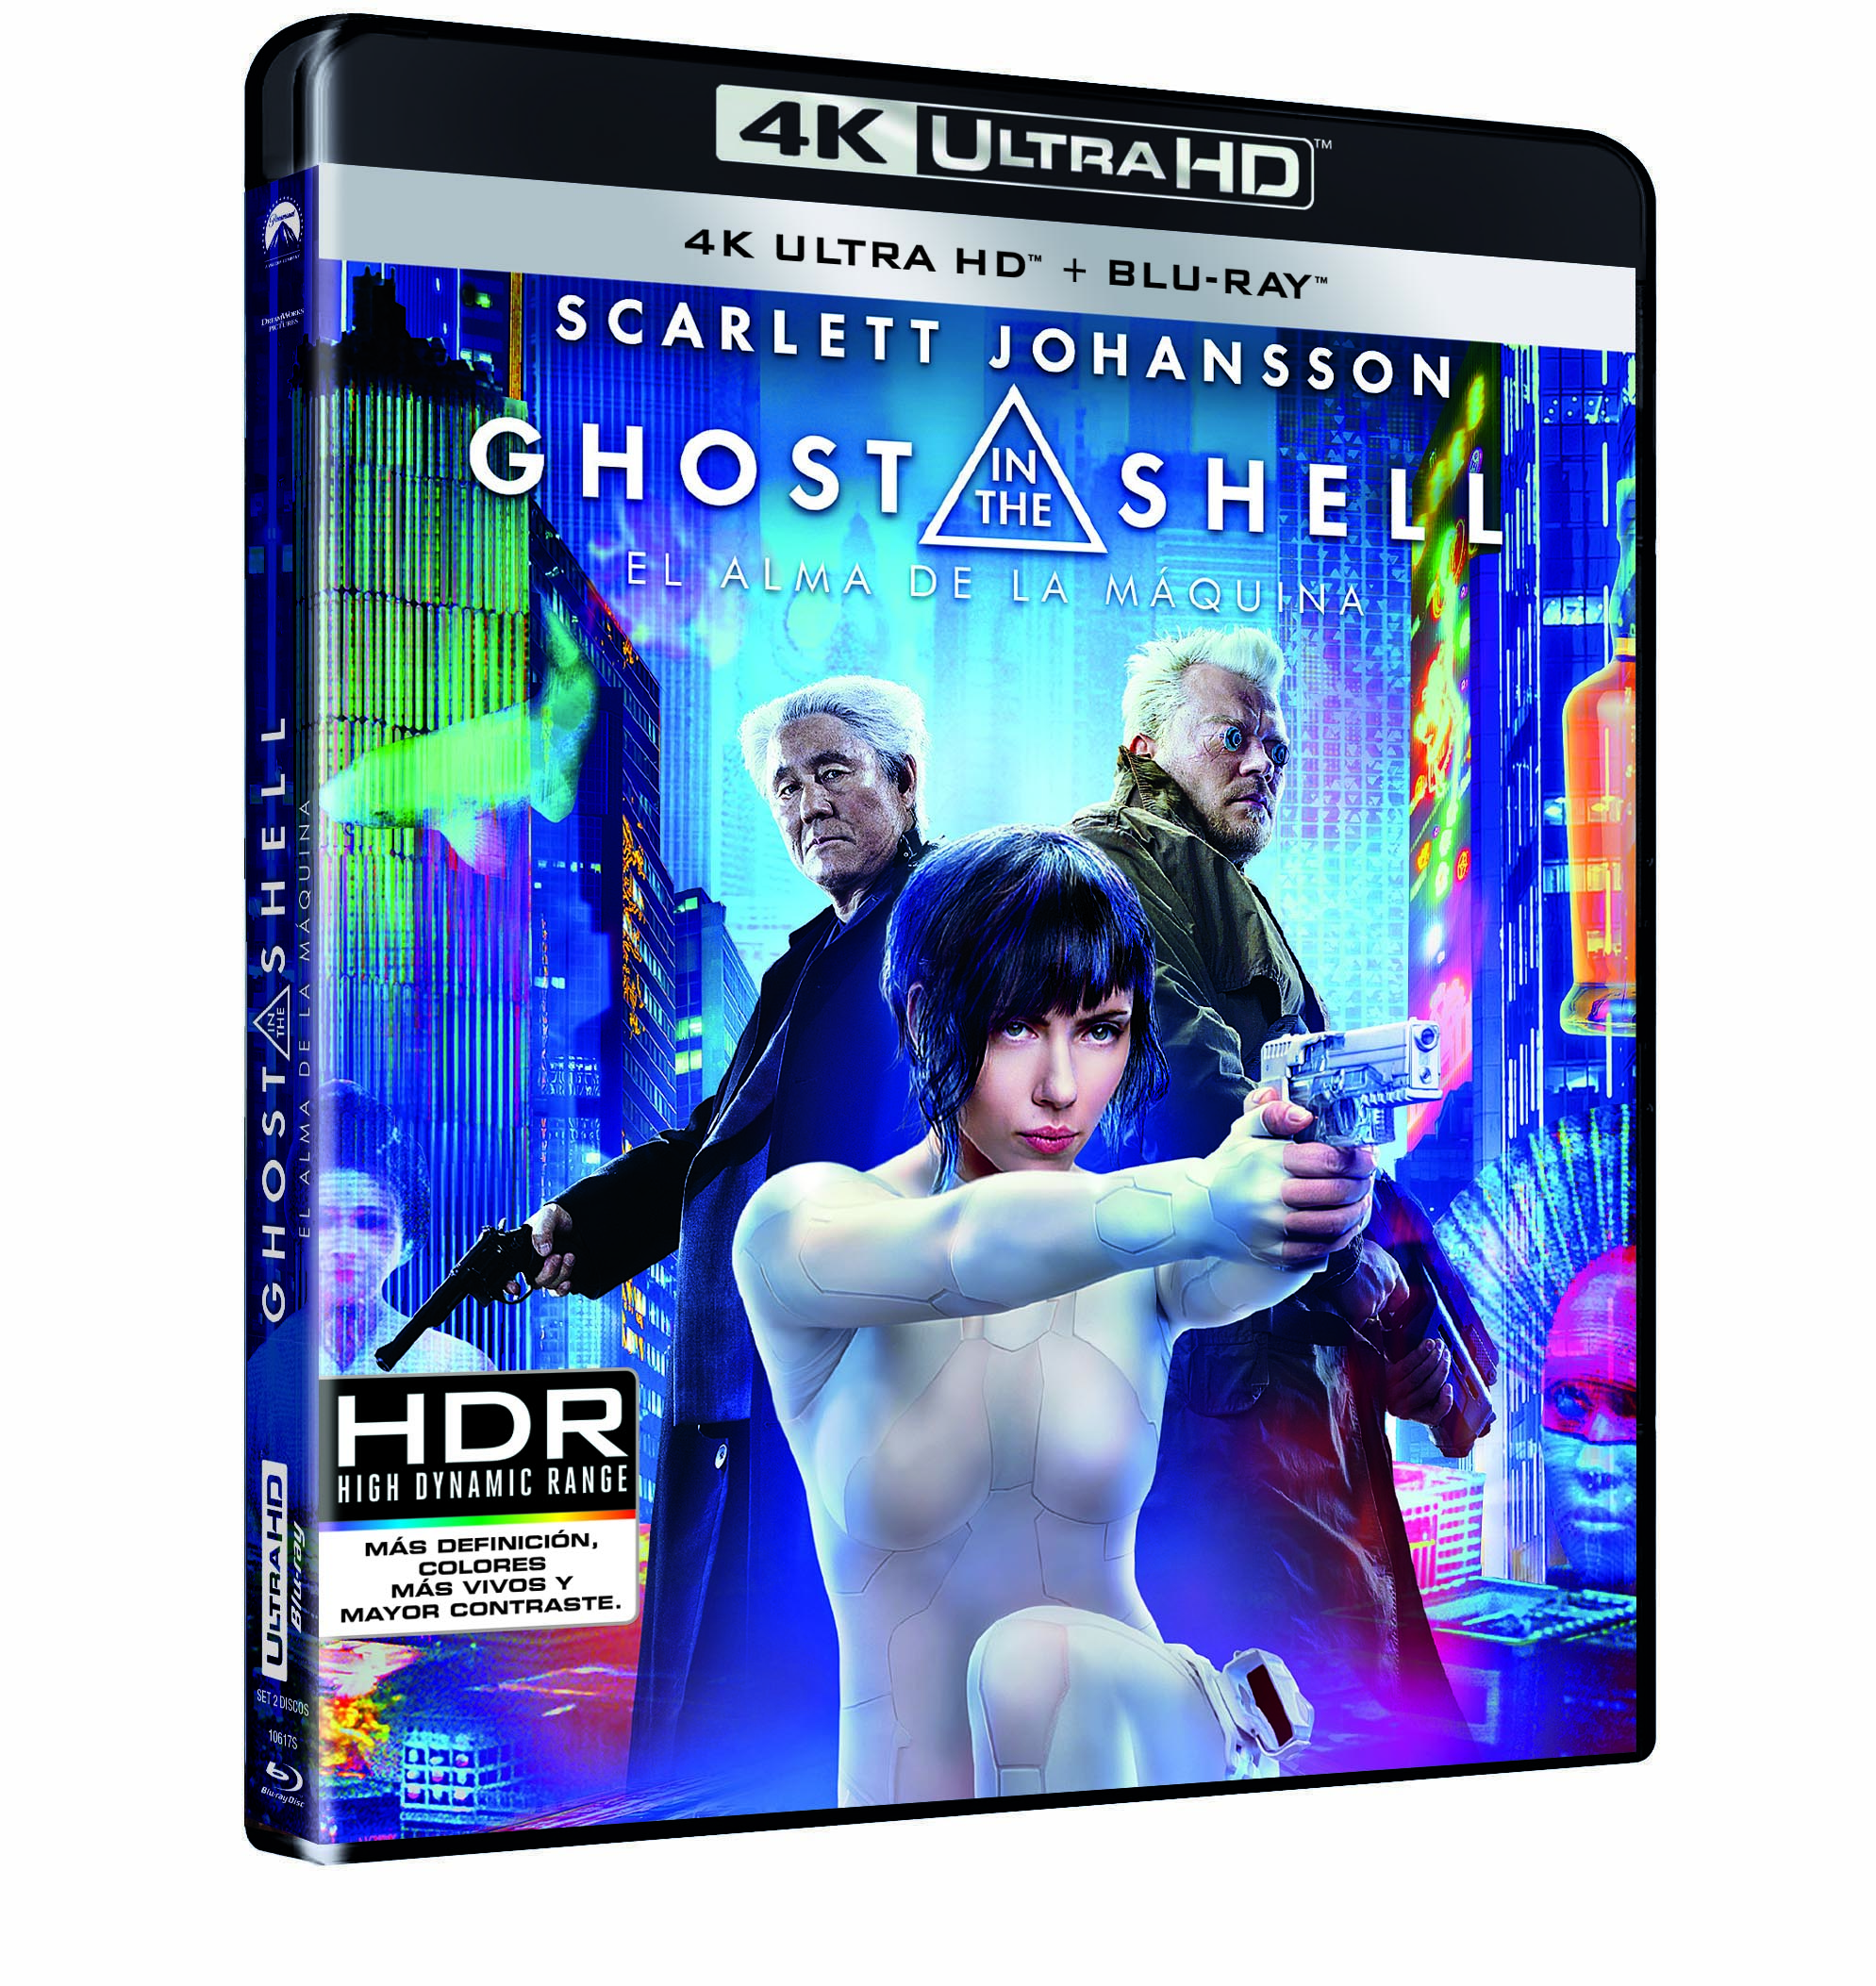 'Ghost in the Shell' en 4K, Steelbook, Blu-ray y Dvd el 26 de julio • En tu pantalla